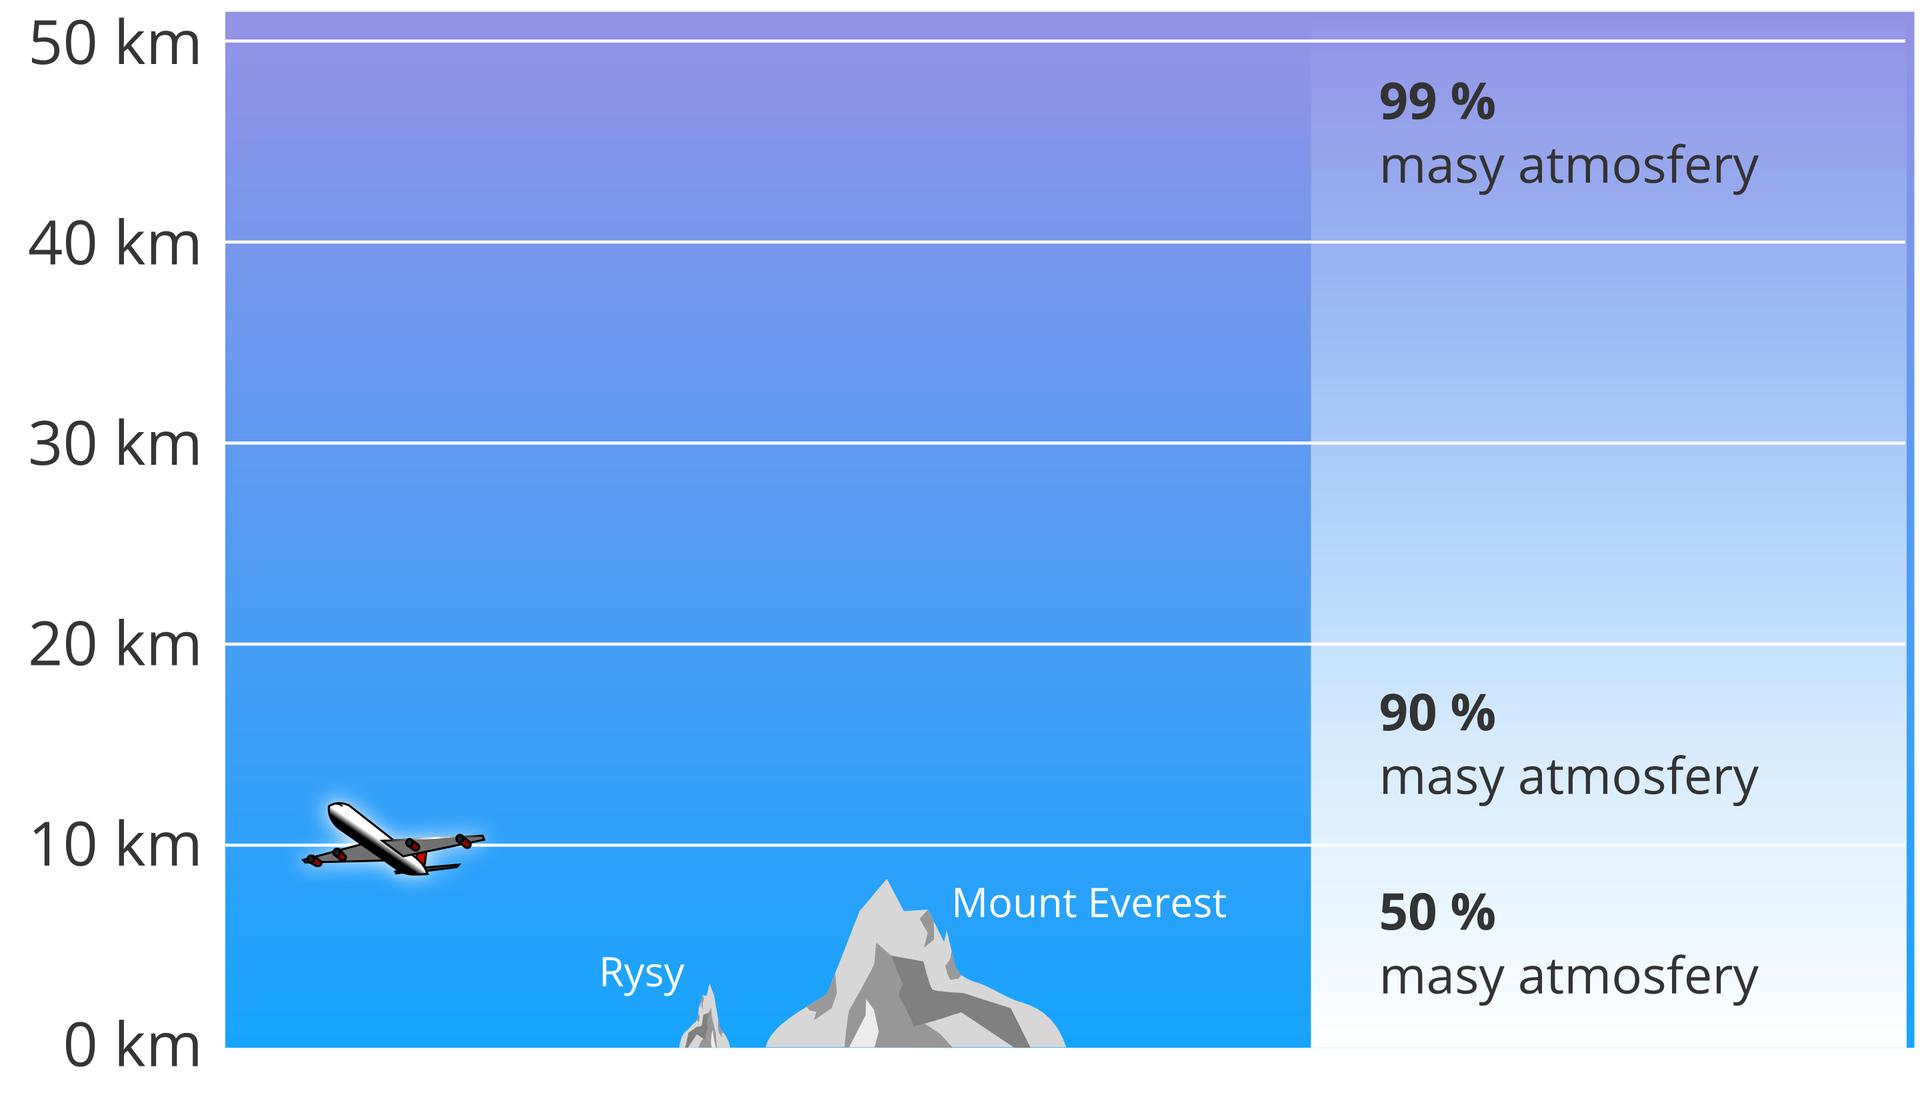 """Ilustracja przedstawia rozkład gęstości powietrza watmosferze ziemskiej. Rozkład wformie wykresu. Na skali pionowej, po lewej stronie oznaczono wysokość wkilometrach. Od 0 km do 50 km (0, 10, 20, 30, 40, 50). Tło wykresu niebieskie. Po środku, przed linią oznaczającą 10 km, narysowano dwa, szare szczyty gór. Pierwszy, niewielki, to """"Rysy"""",. Drugi, sięgający prawie 10 km, to """"Mount Everest"""". Na linii 10 km narysowano także samolot pasażerski. Po prawej stronie znajdują się opisy. Pomiędzy 0 km a10 km: """"50% masy atmosfery"""". Pomiędzy 10 km a20 km: """"90% masy atmosfery"""". Pomiędzy 40 km a50 km: """"99% masy atmosfery""""."""